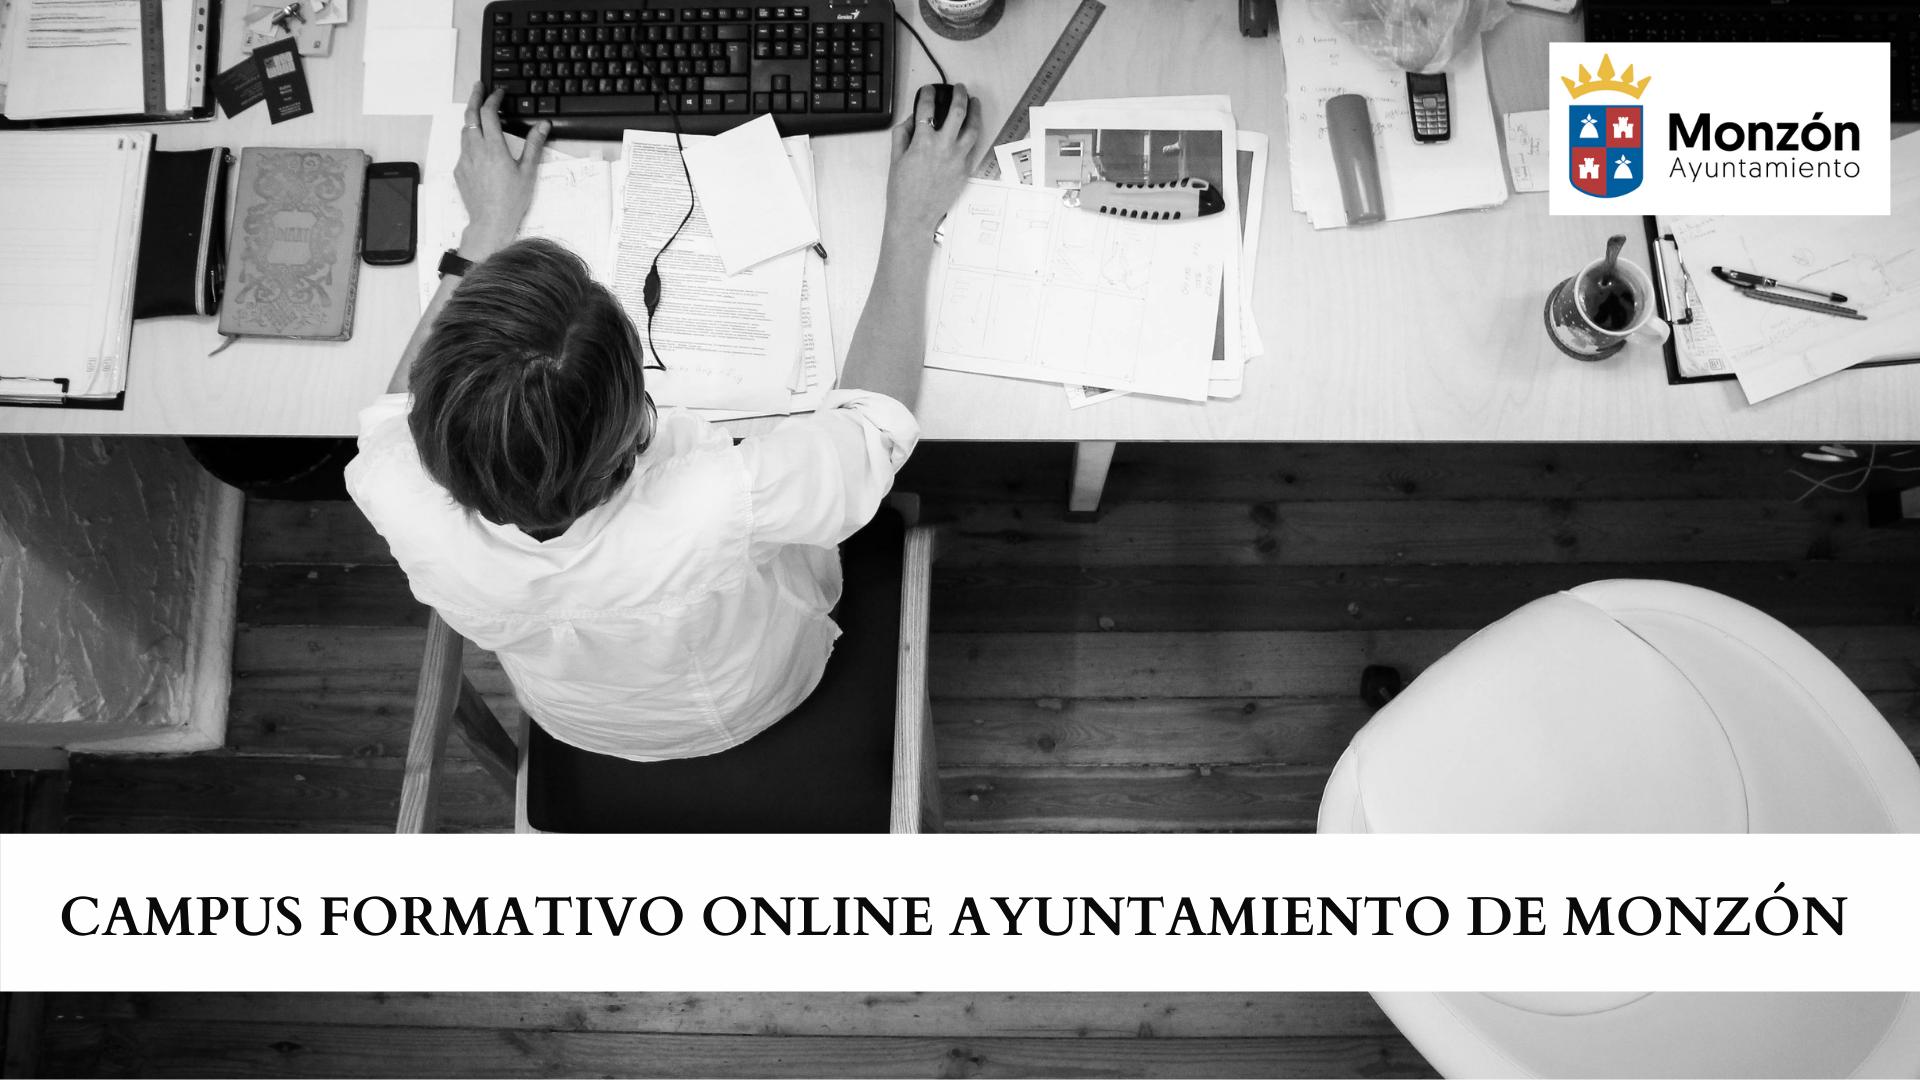 CAMPUS FORMATIVO ONLINE AYUNTAMIENTO DE MONZÓN